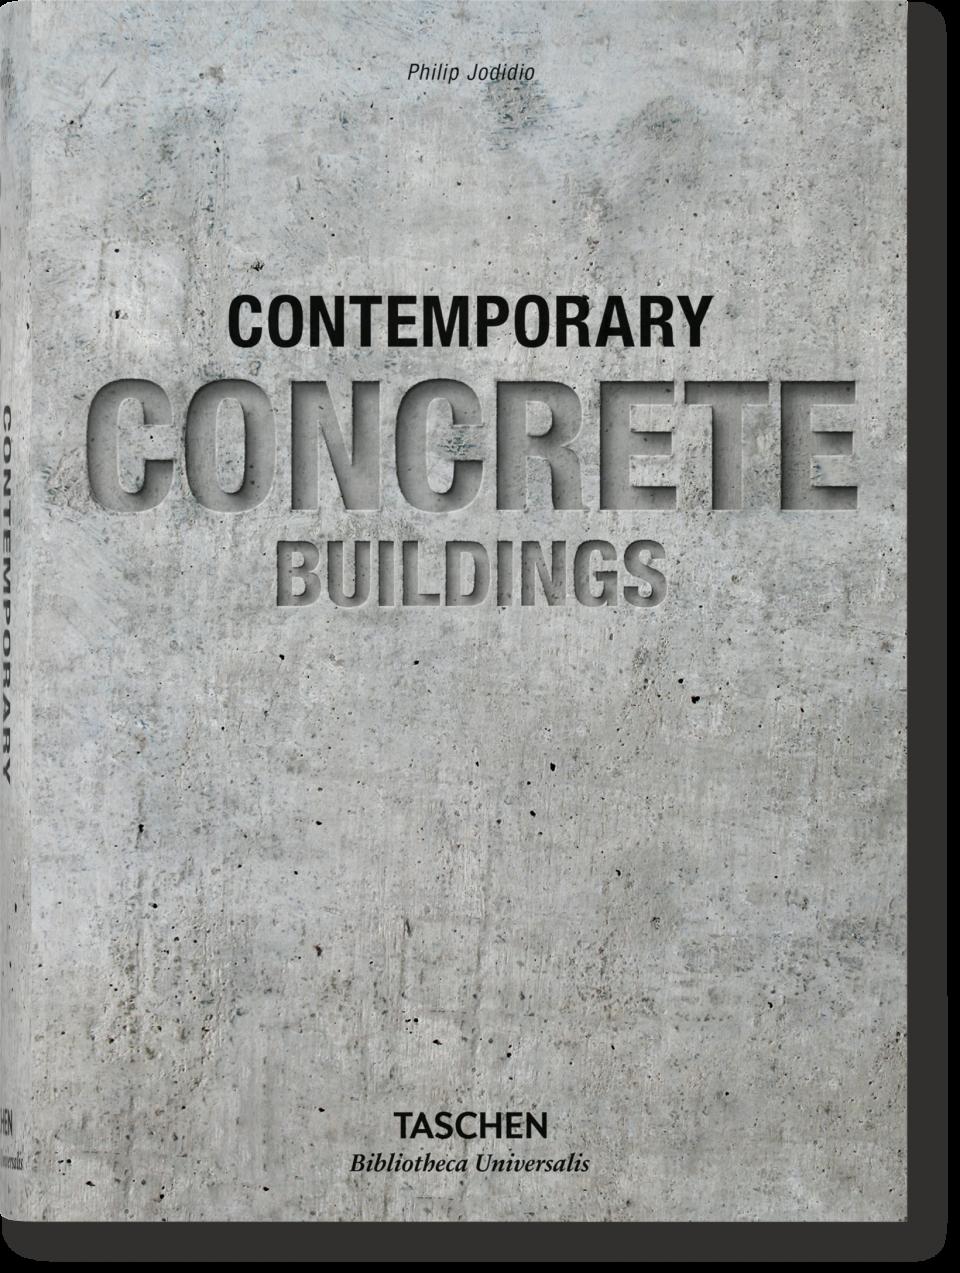 Edificios de hormigón contemporáneos - Jodidio Philip